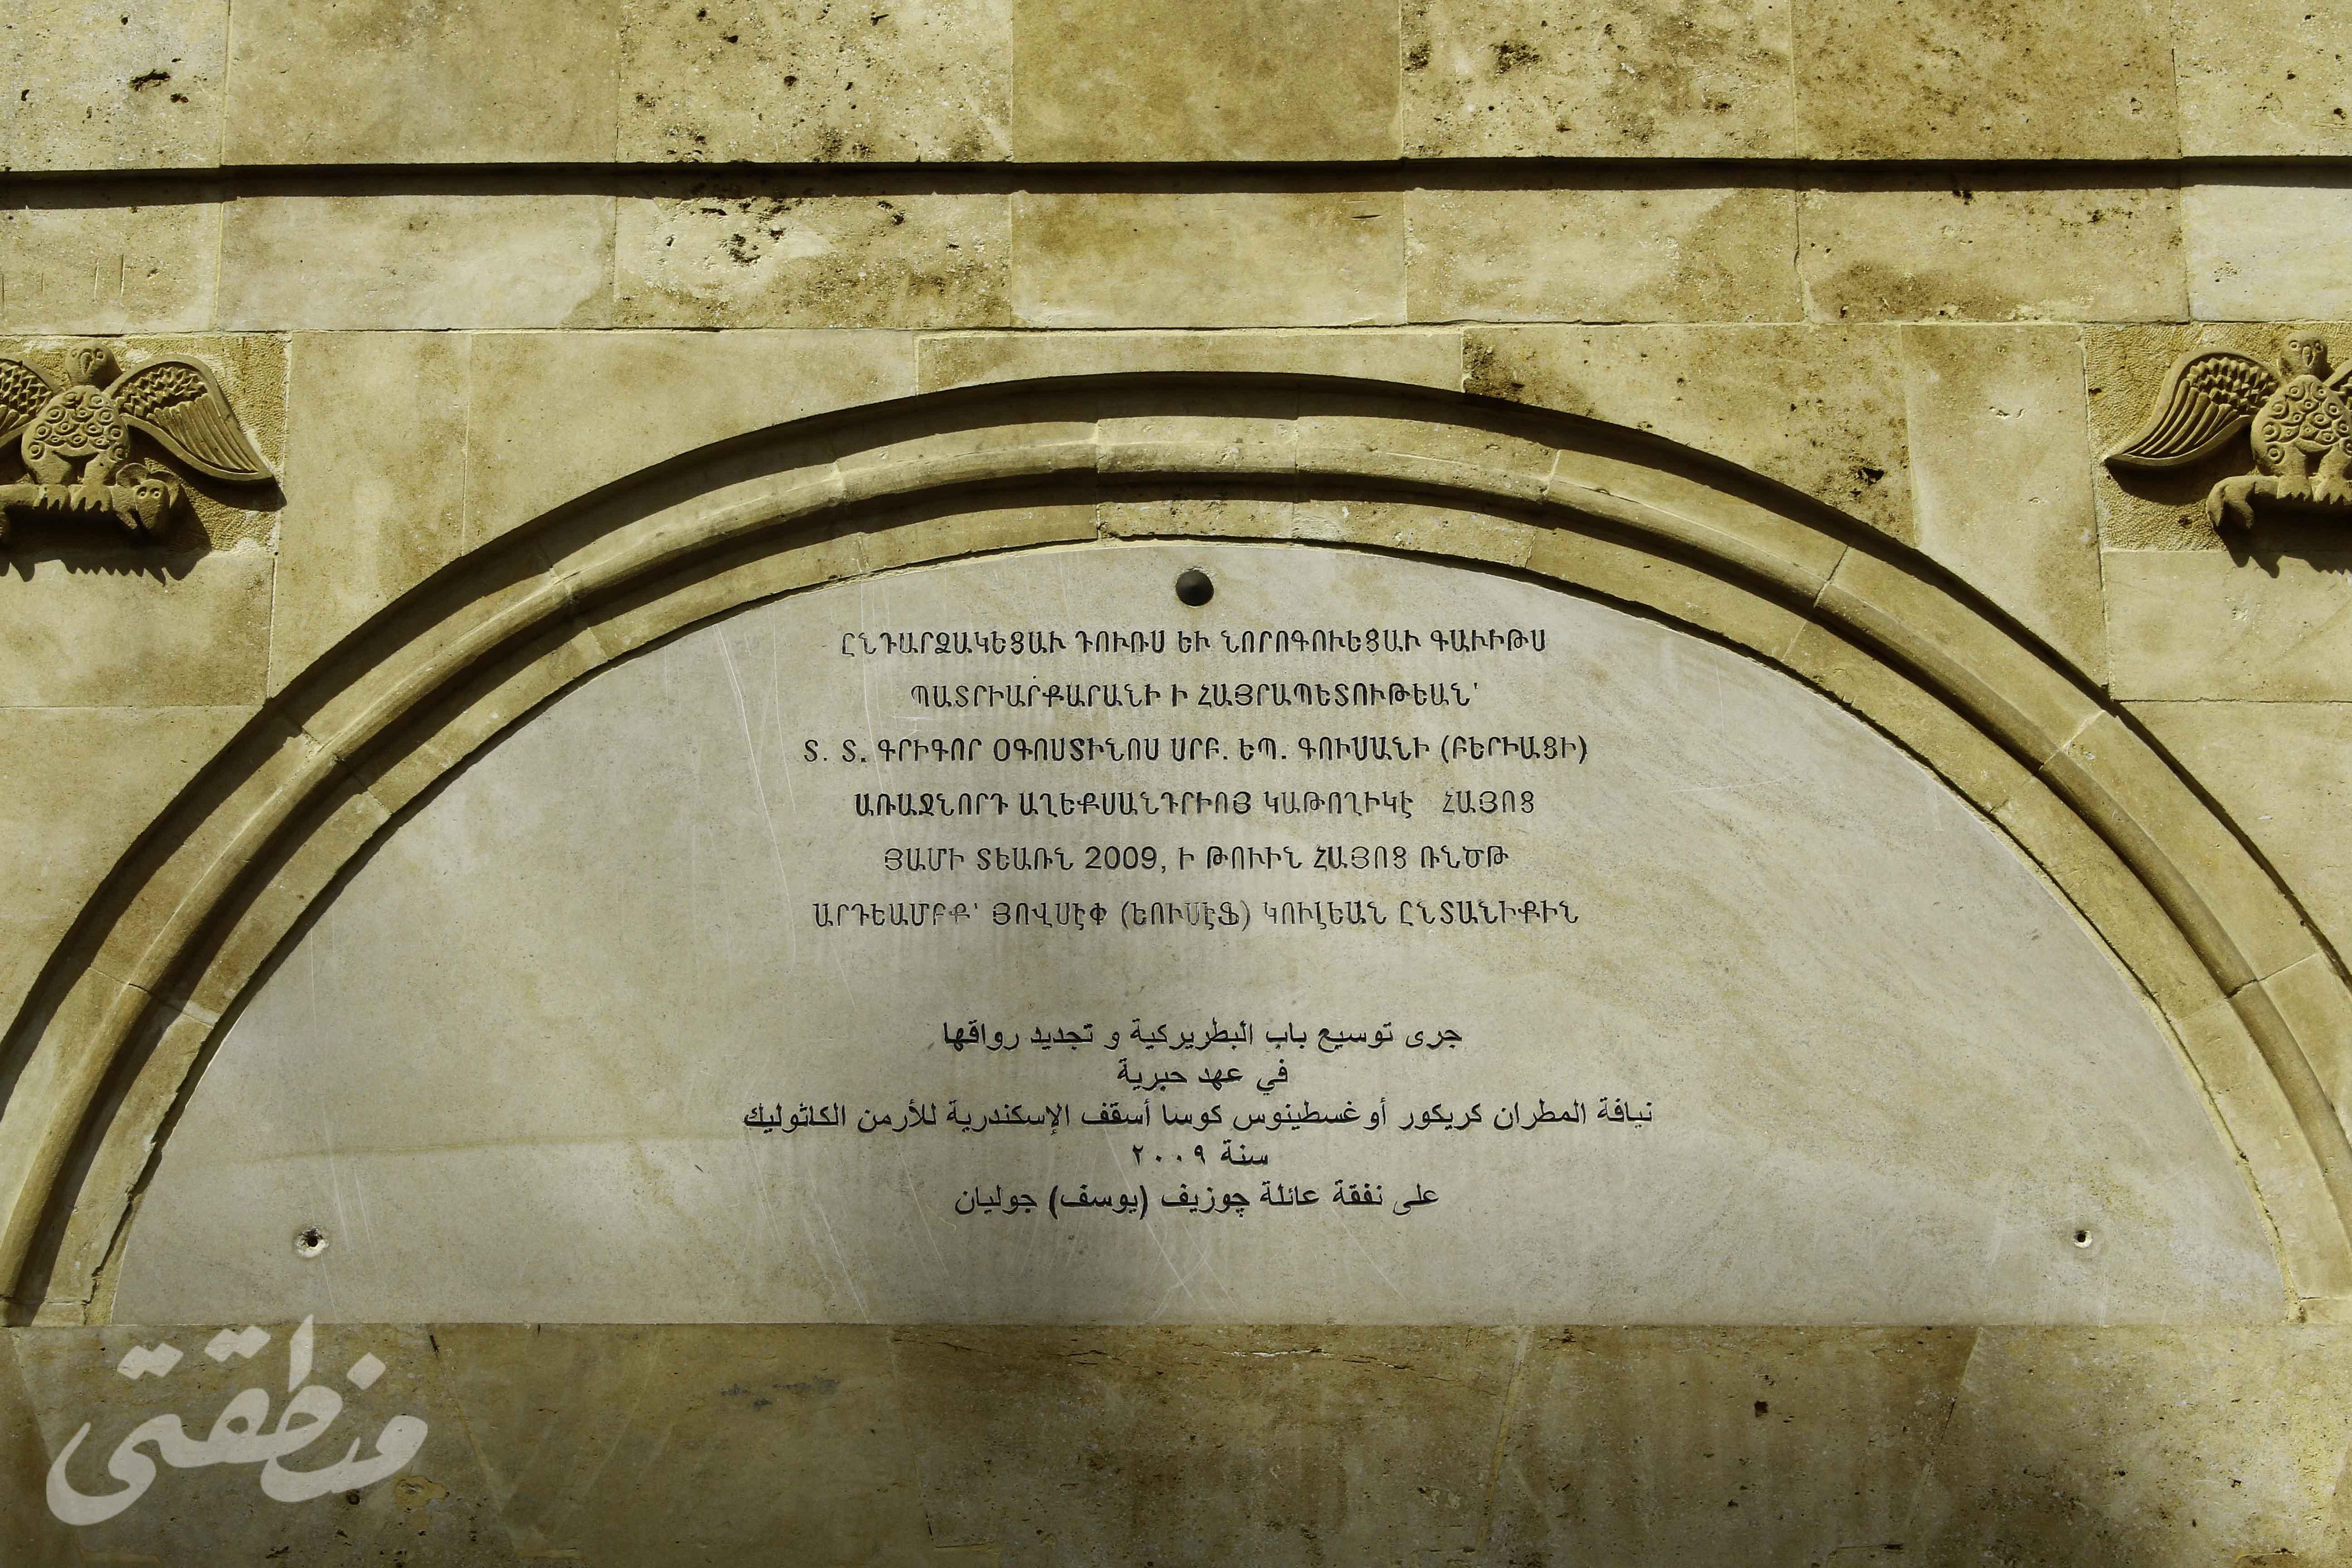 لافتة توضح تاريخ توسعة وتجديد البطريركية ترجع لعام 2009 - تصوير- صديق البخشونجي